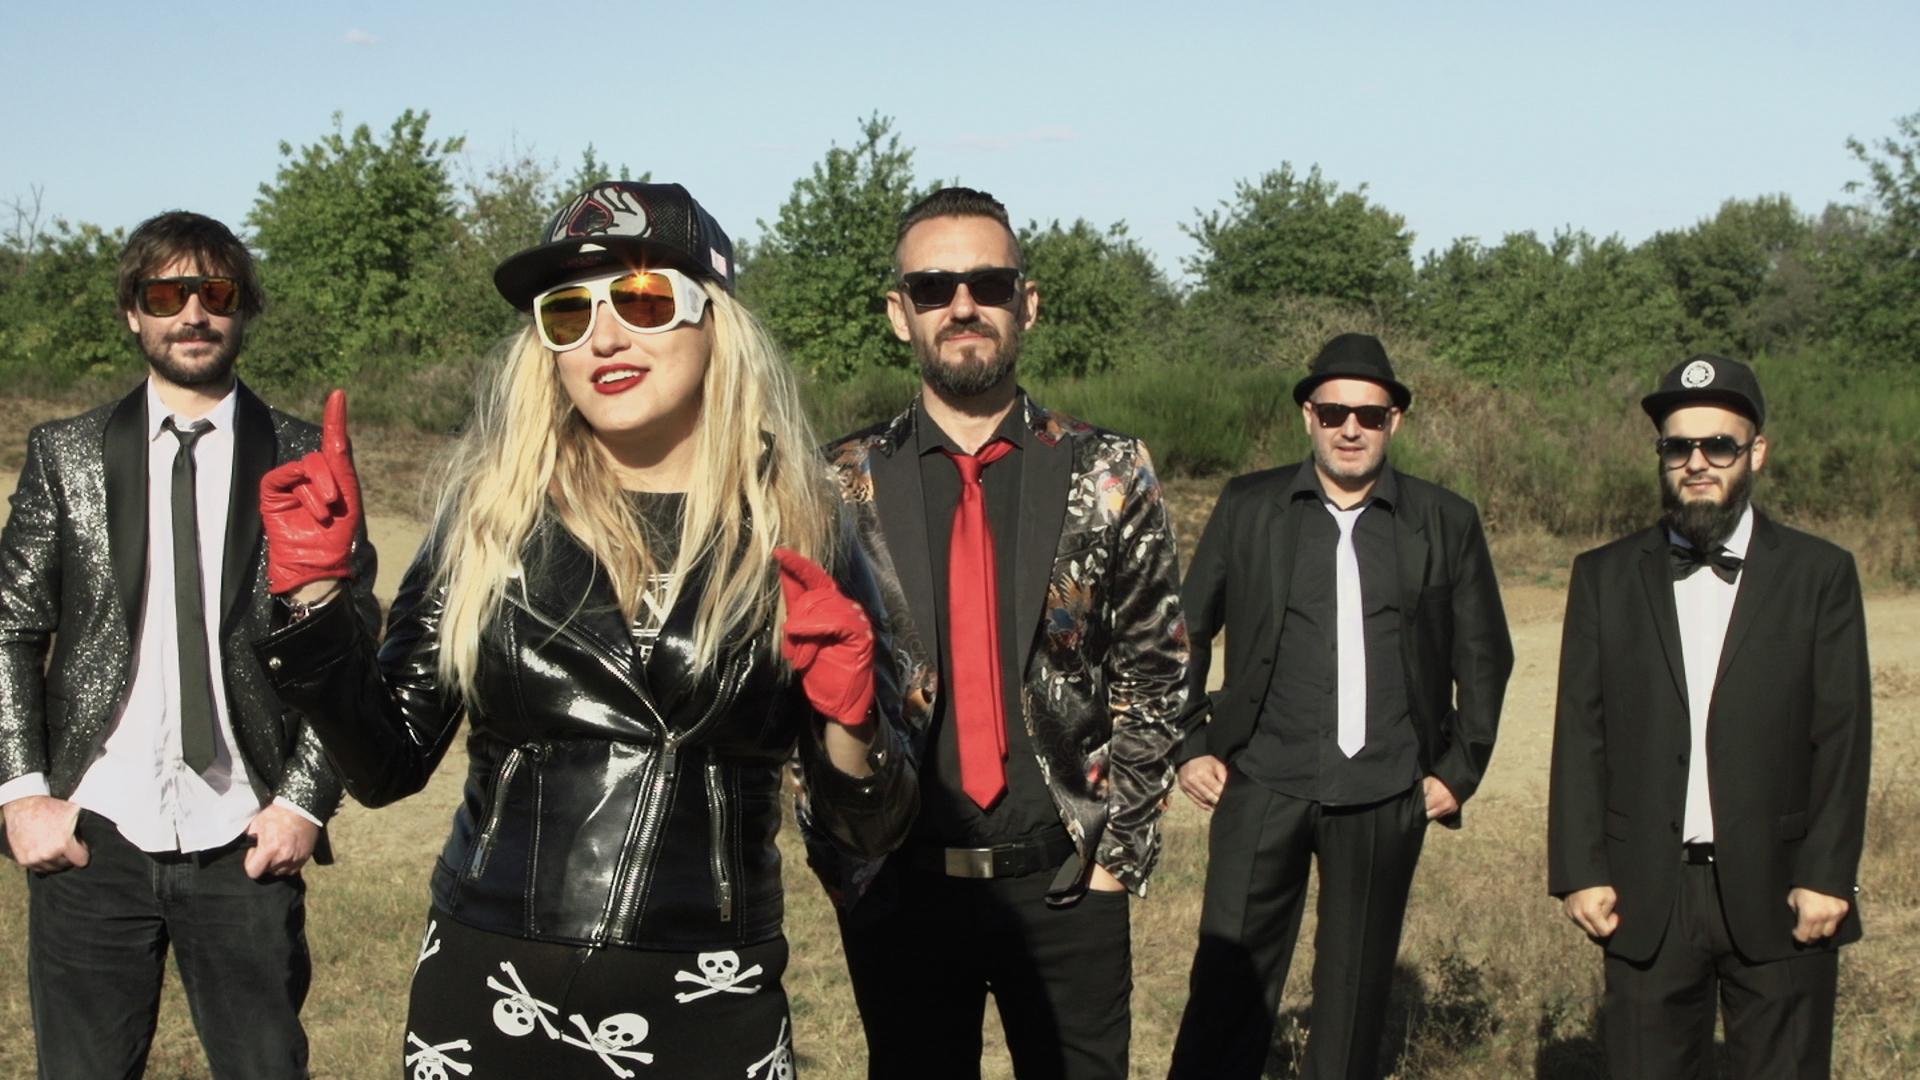 Photo of Novi spot za pjesmu, Gretta snimila u hrvatskoj pustinji